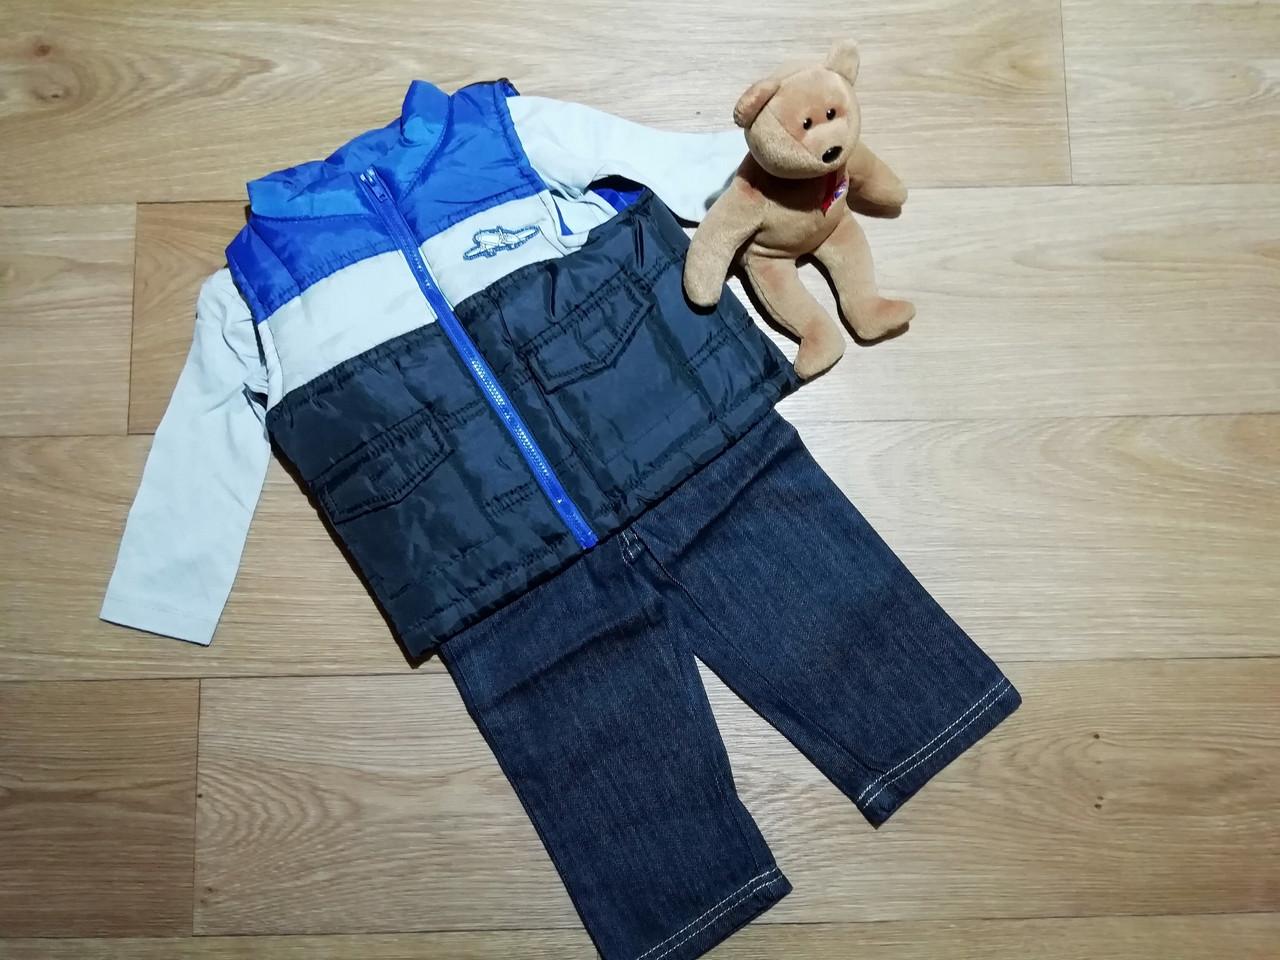 Тройка на мальчика жилетка, реглан и джинсы Peanut Buttons Размер 12 мес